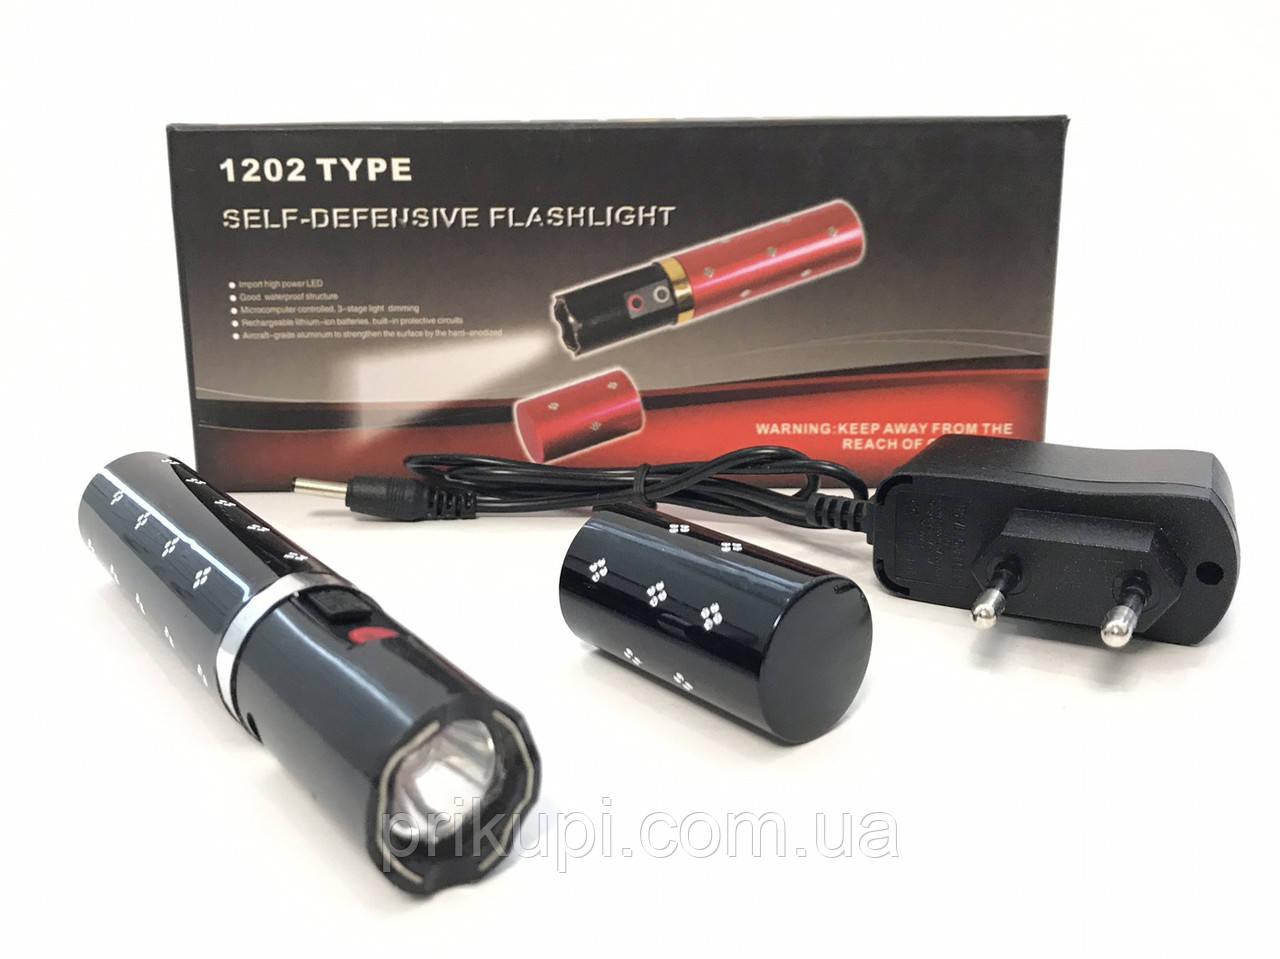 Ліхтарик шокер помада Police BL-1202 20000w ЗУ 220В